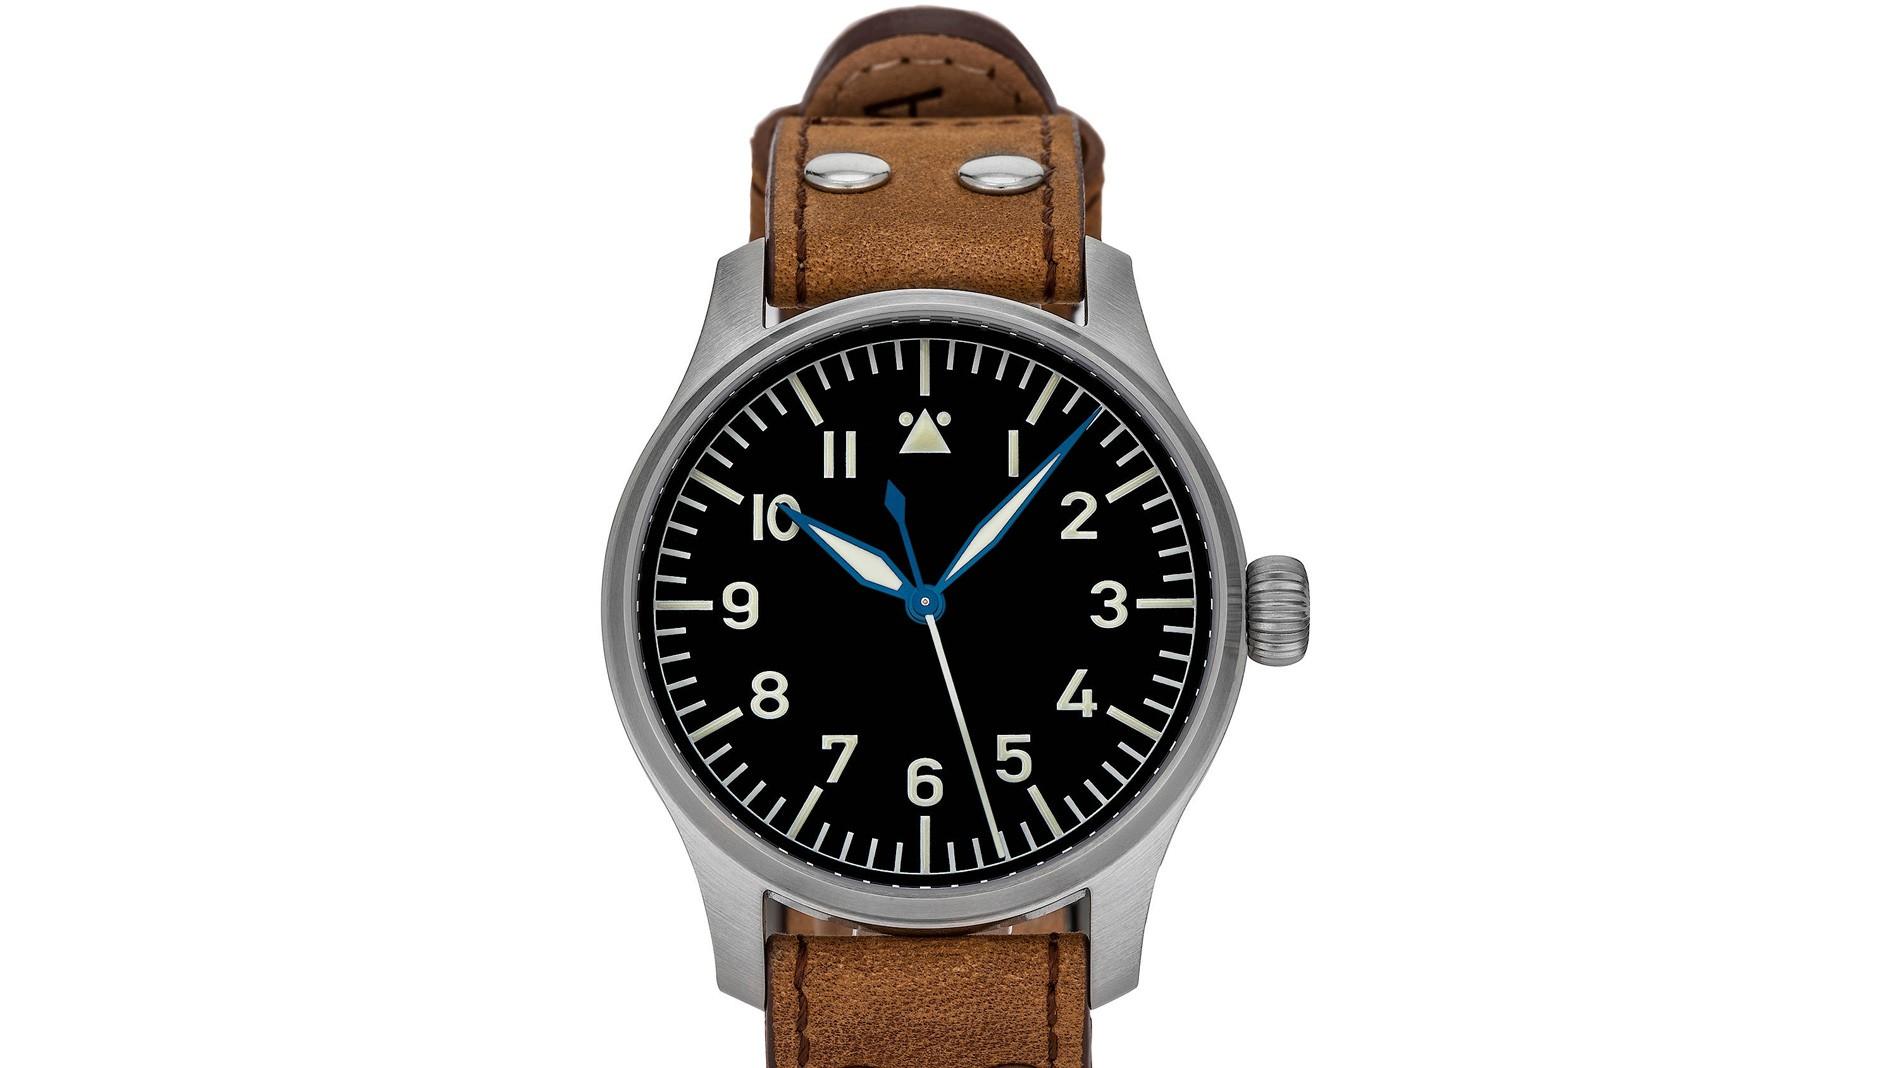 Warum Auch Uhren Aus Deutschland Top Sind